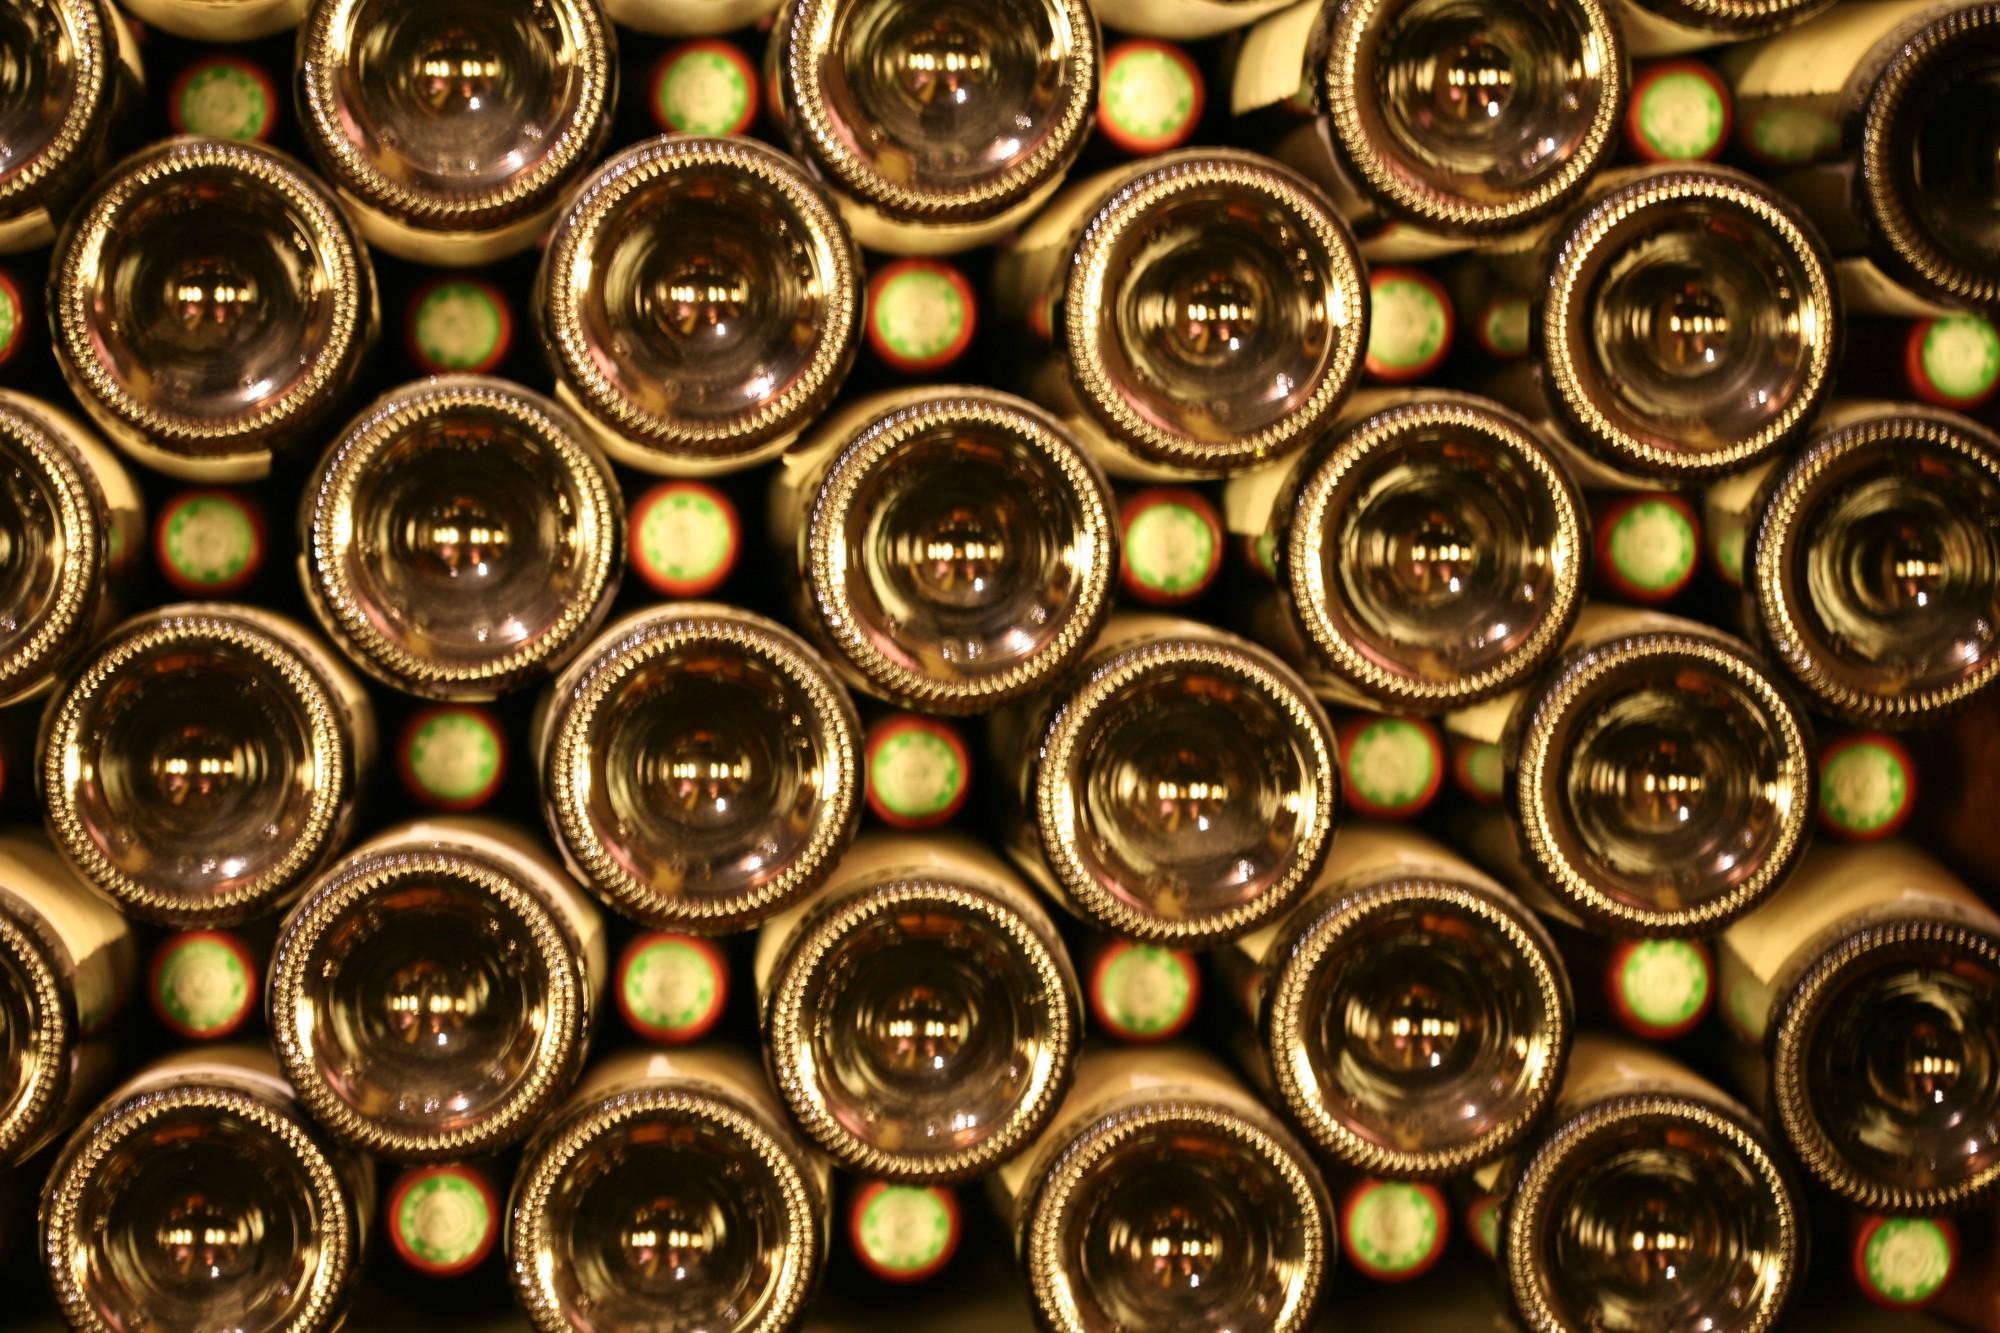 Bouteilles de vin rangées